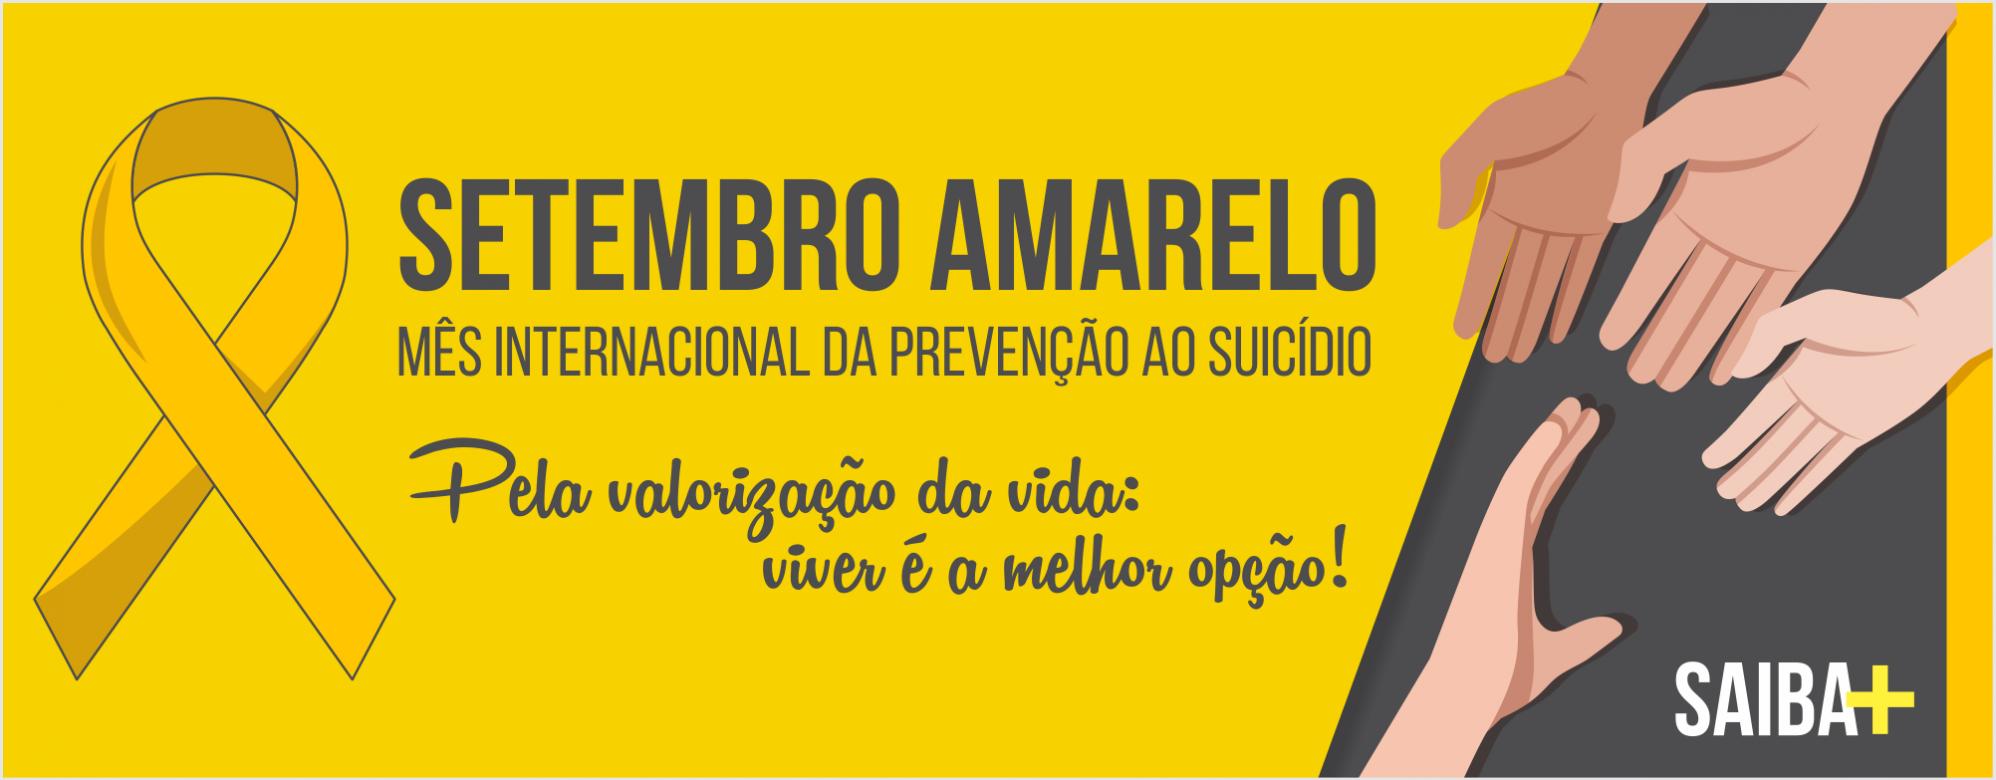 Setembro Amarelo na Unipampa ressalta a importância da prevenção do suicídio